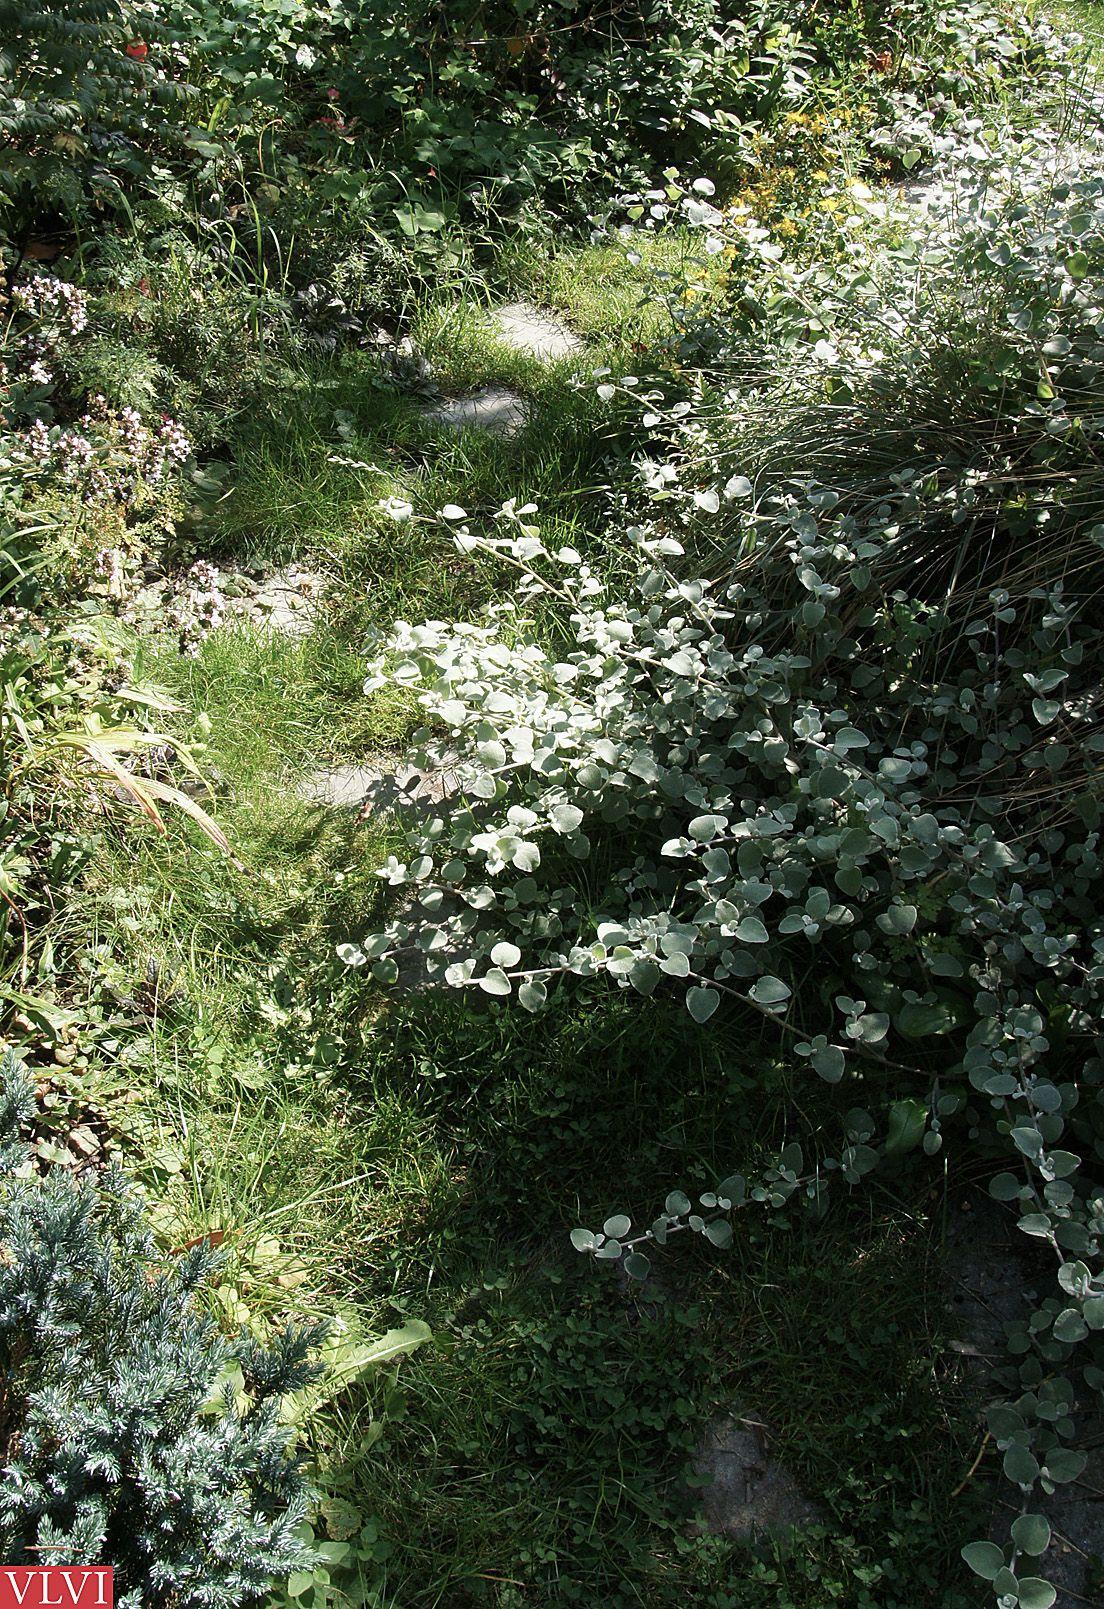 14-09   Als je even niet oplet, veroveren de planten terrein terug. Weg is pad+plan. Mooi, die natuur.